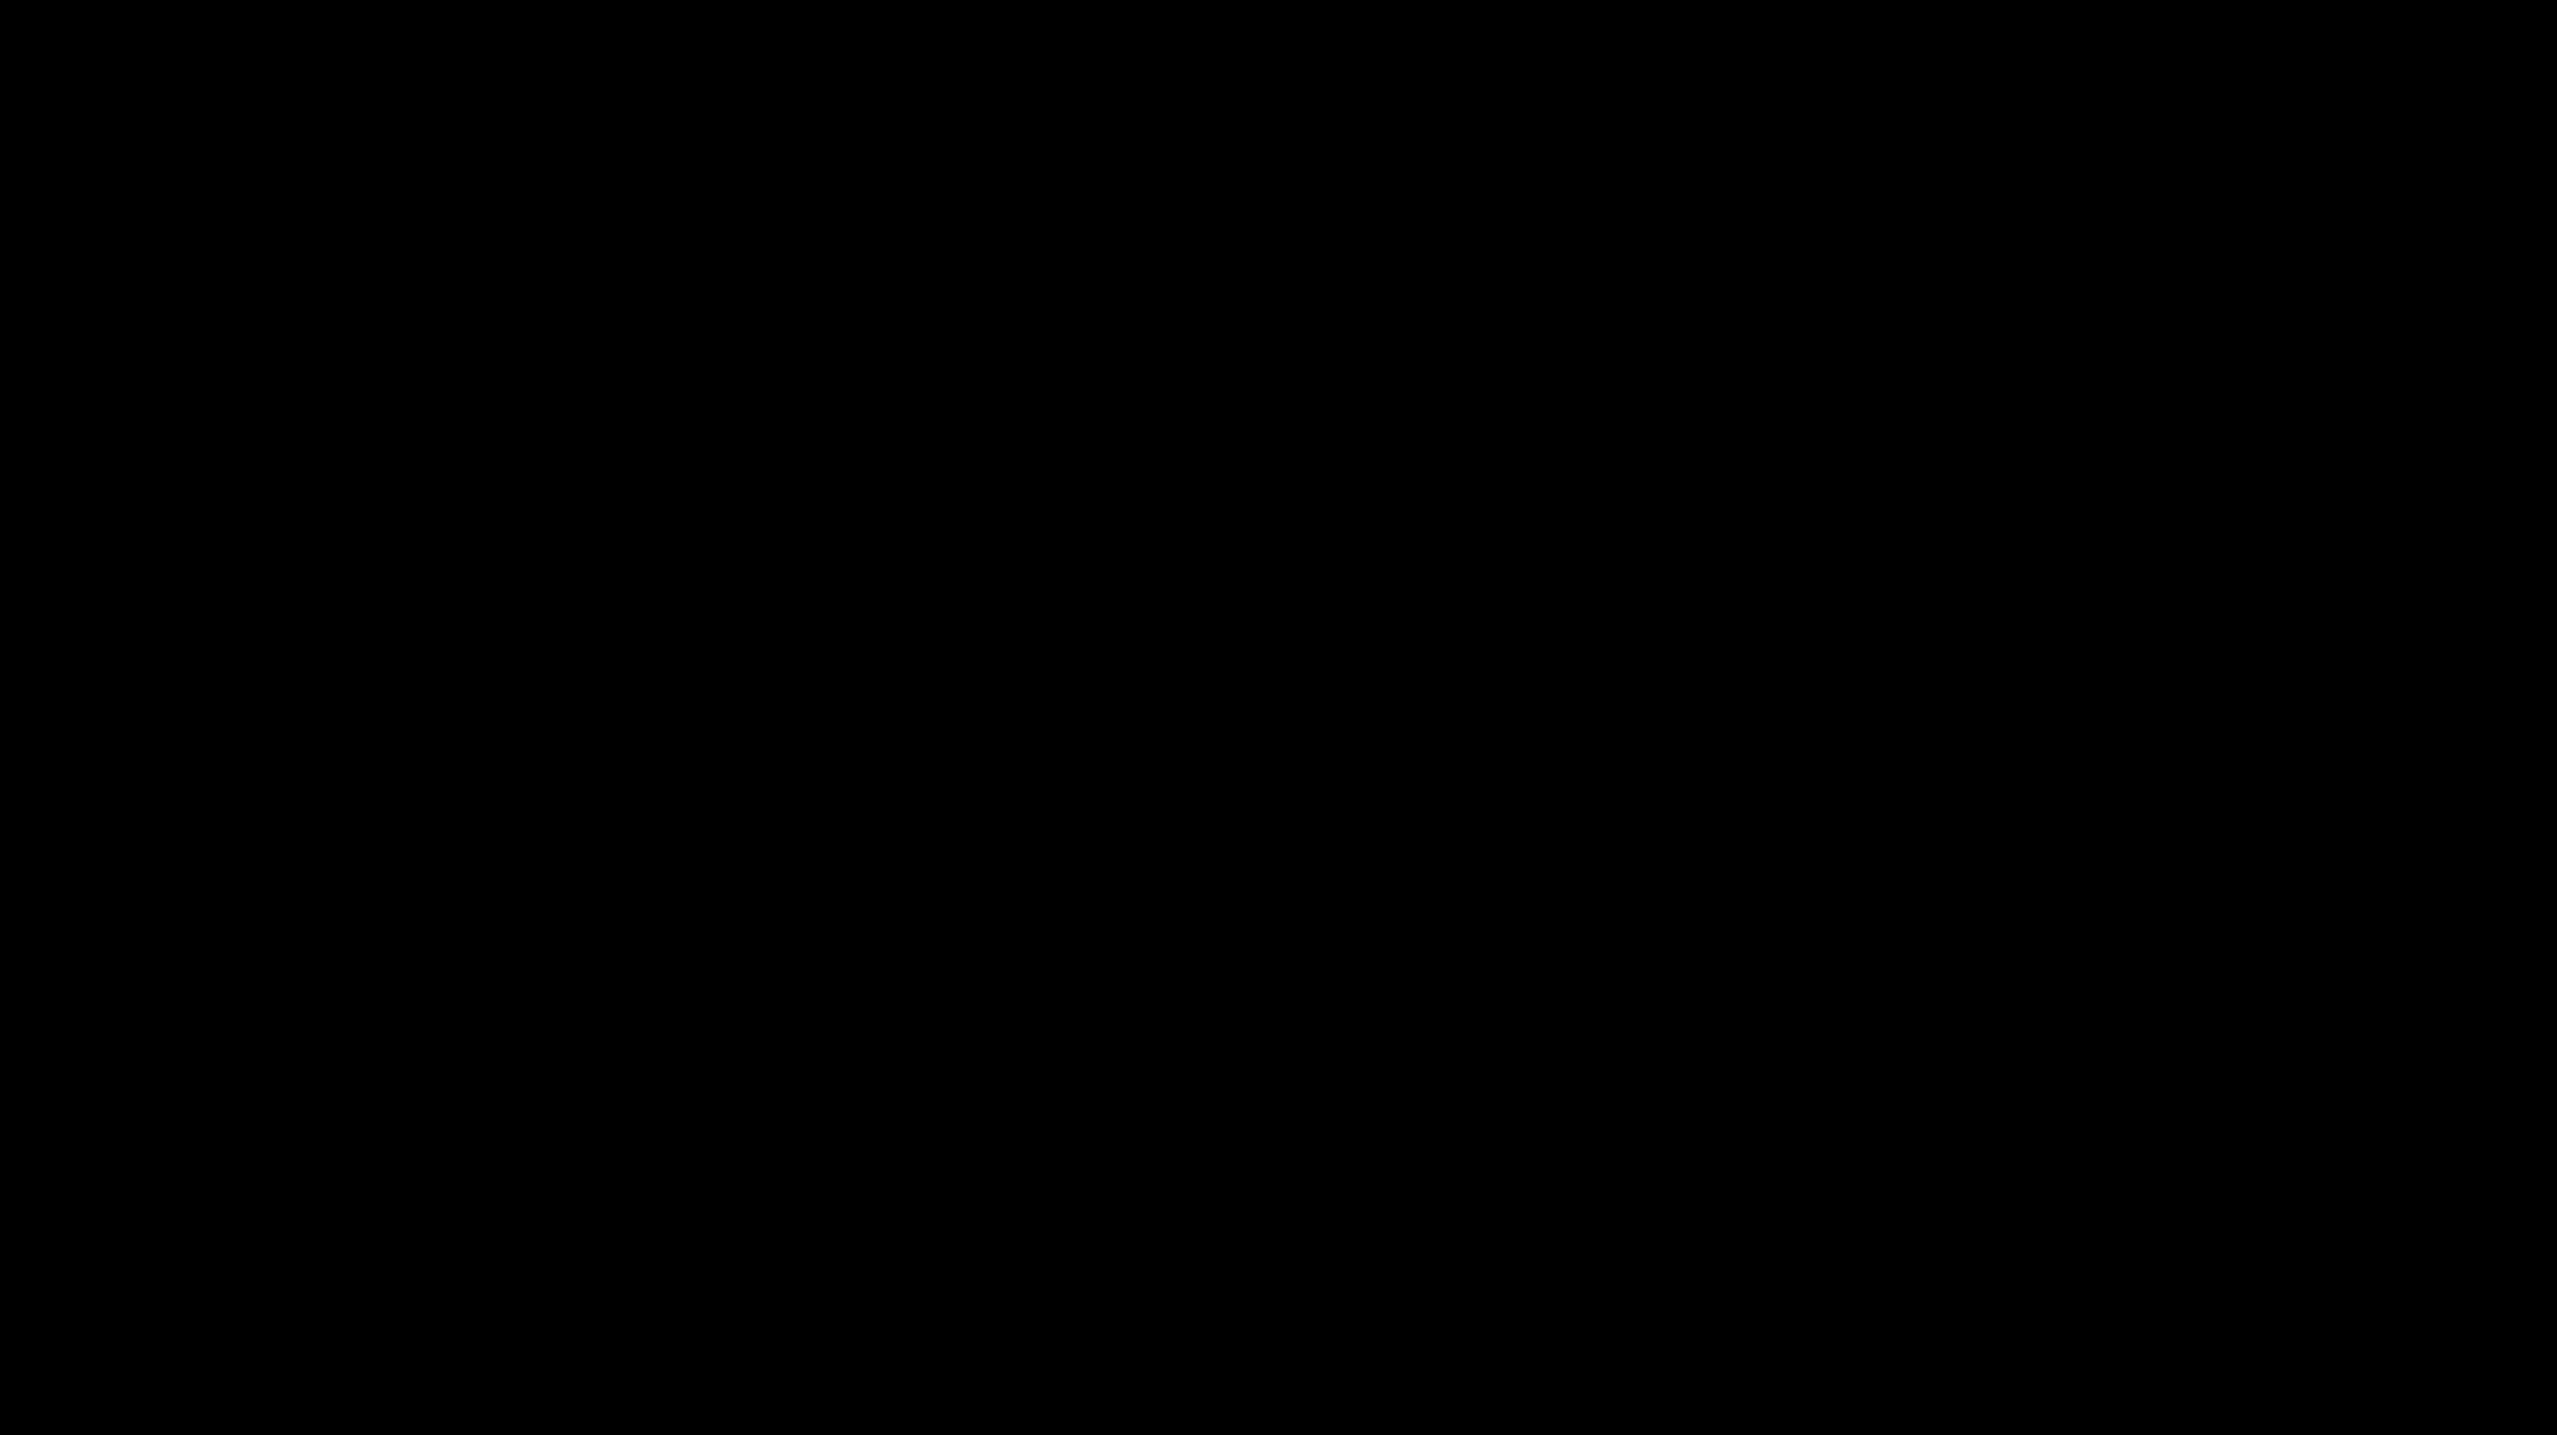 DSCN5863